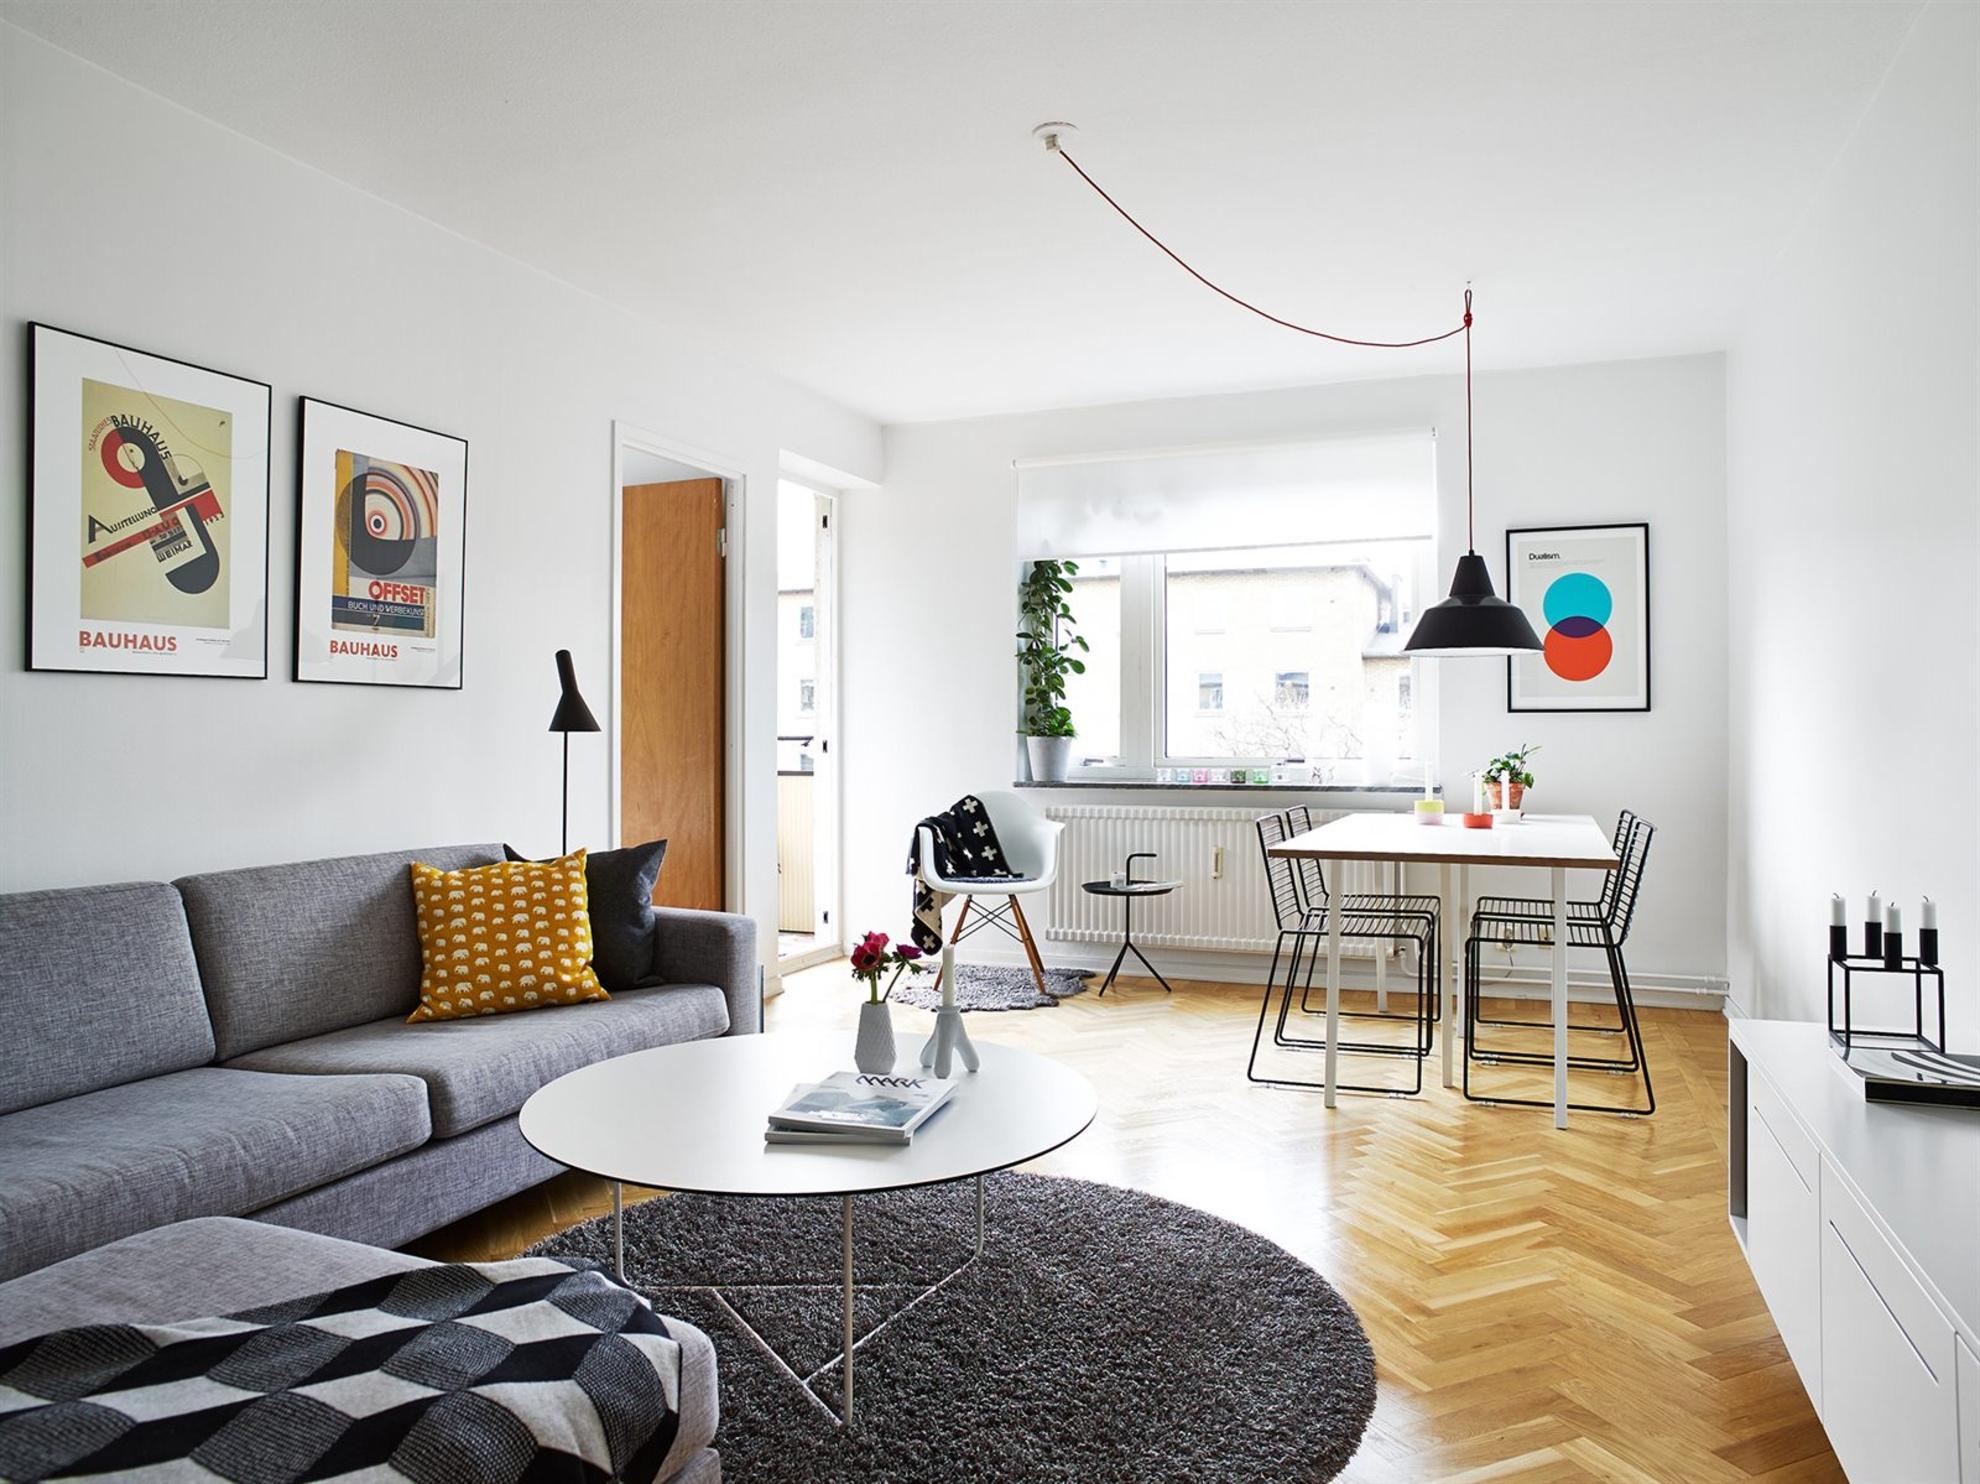 Muebles ligeros para ganar espacio visual blog tienda for Adornos para interiores